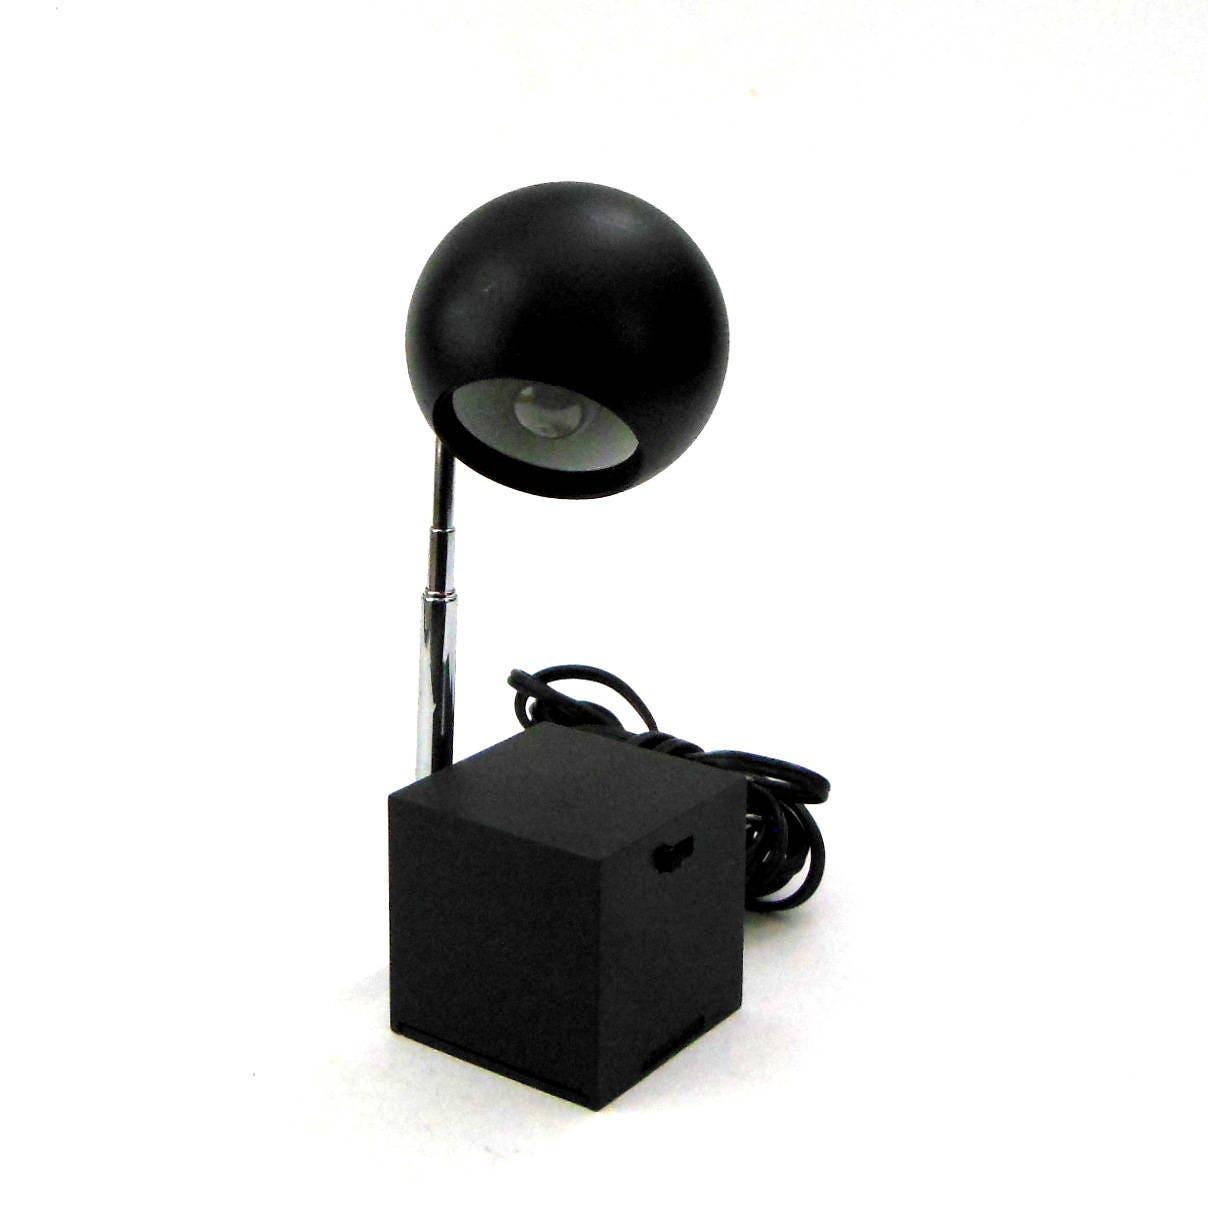 chrome lamp task light litecraft office studio retro styled itm eyeball desk table